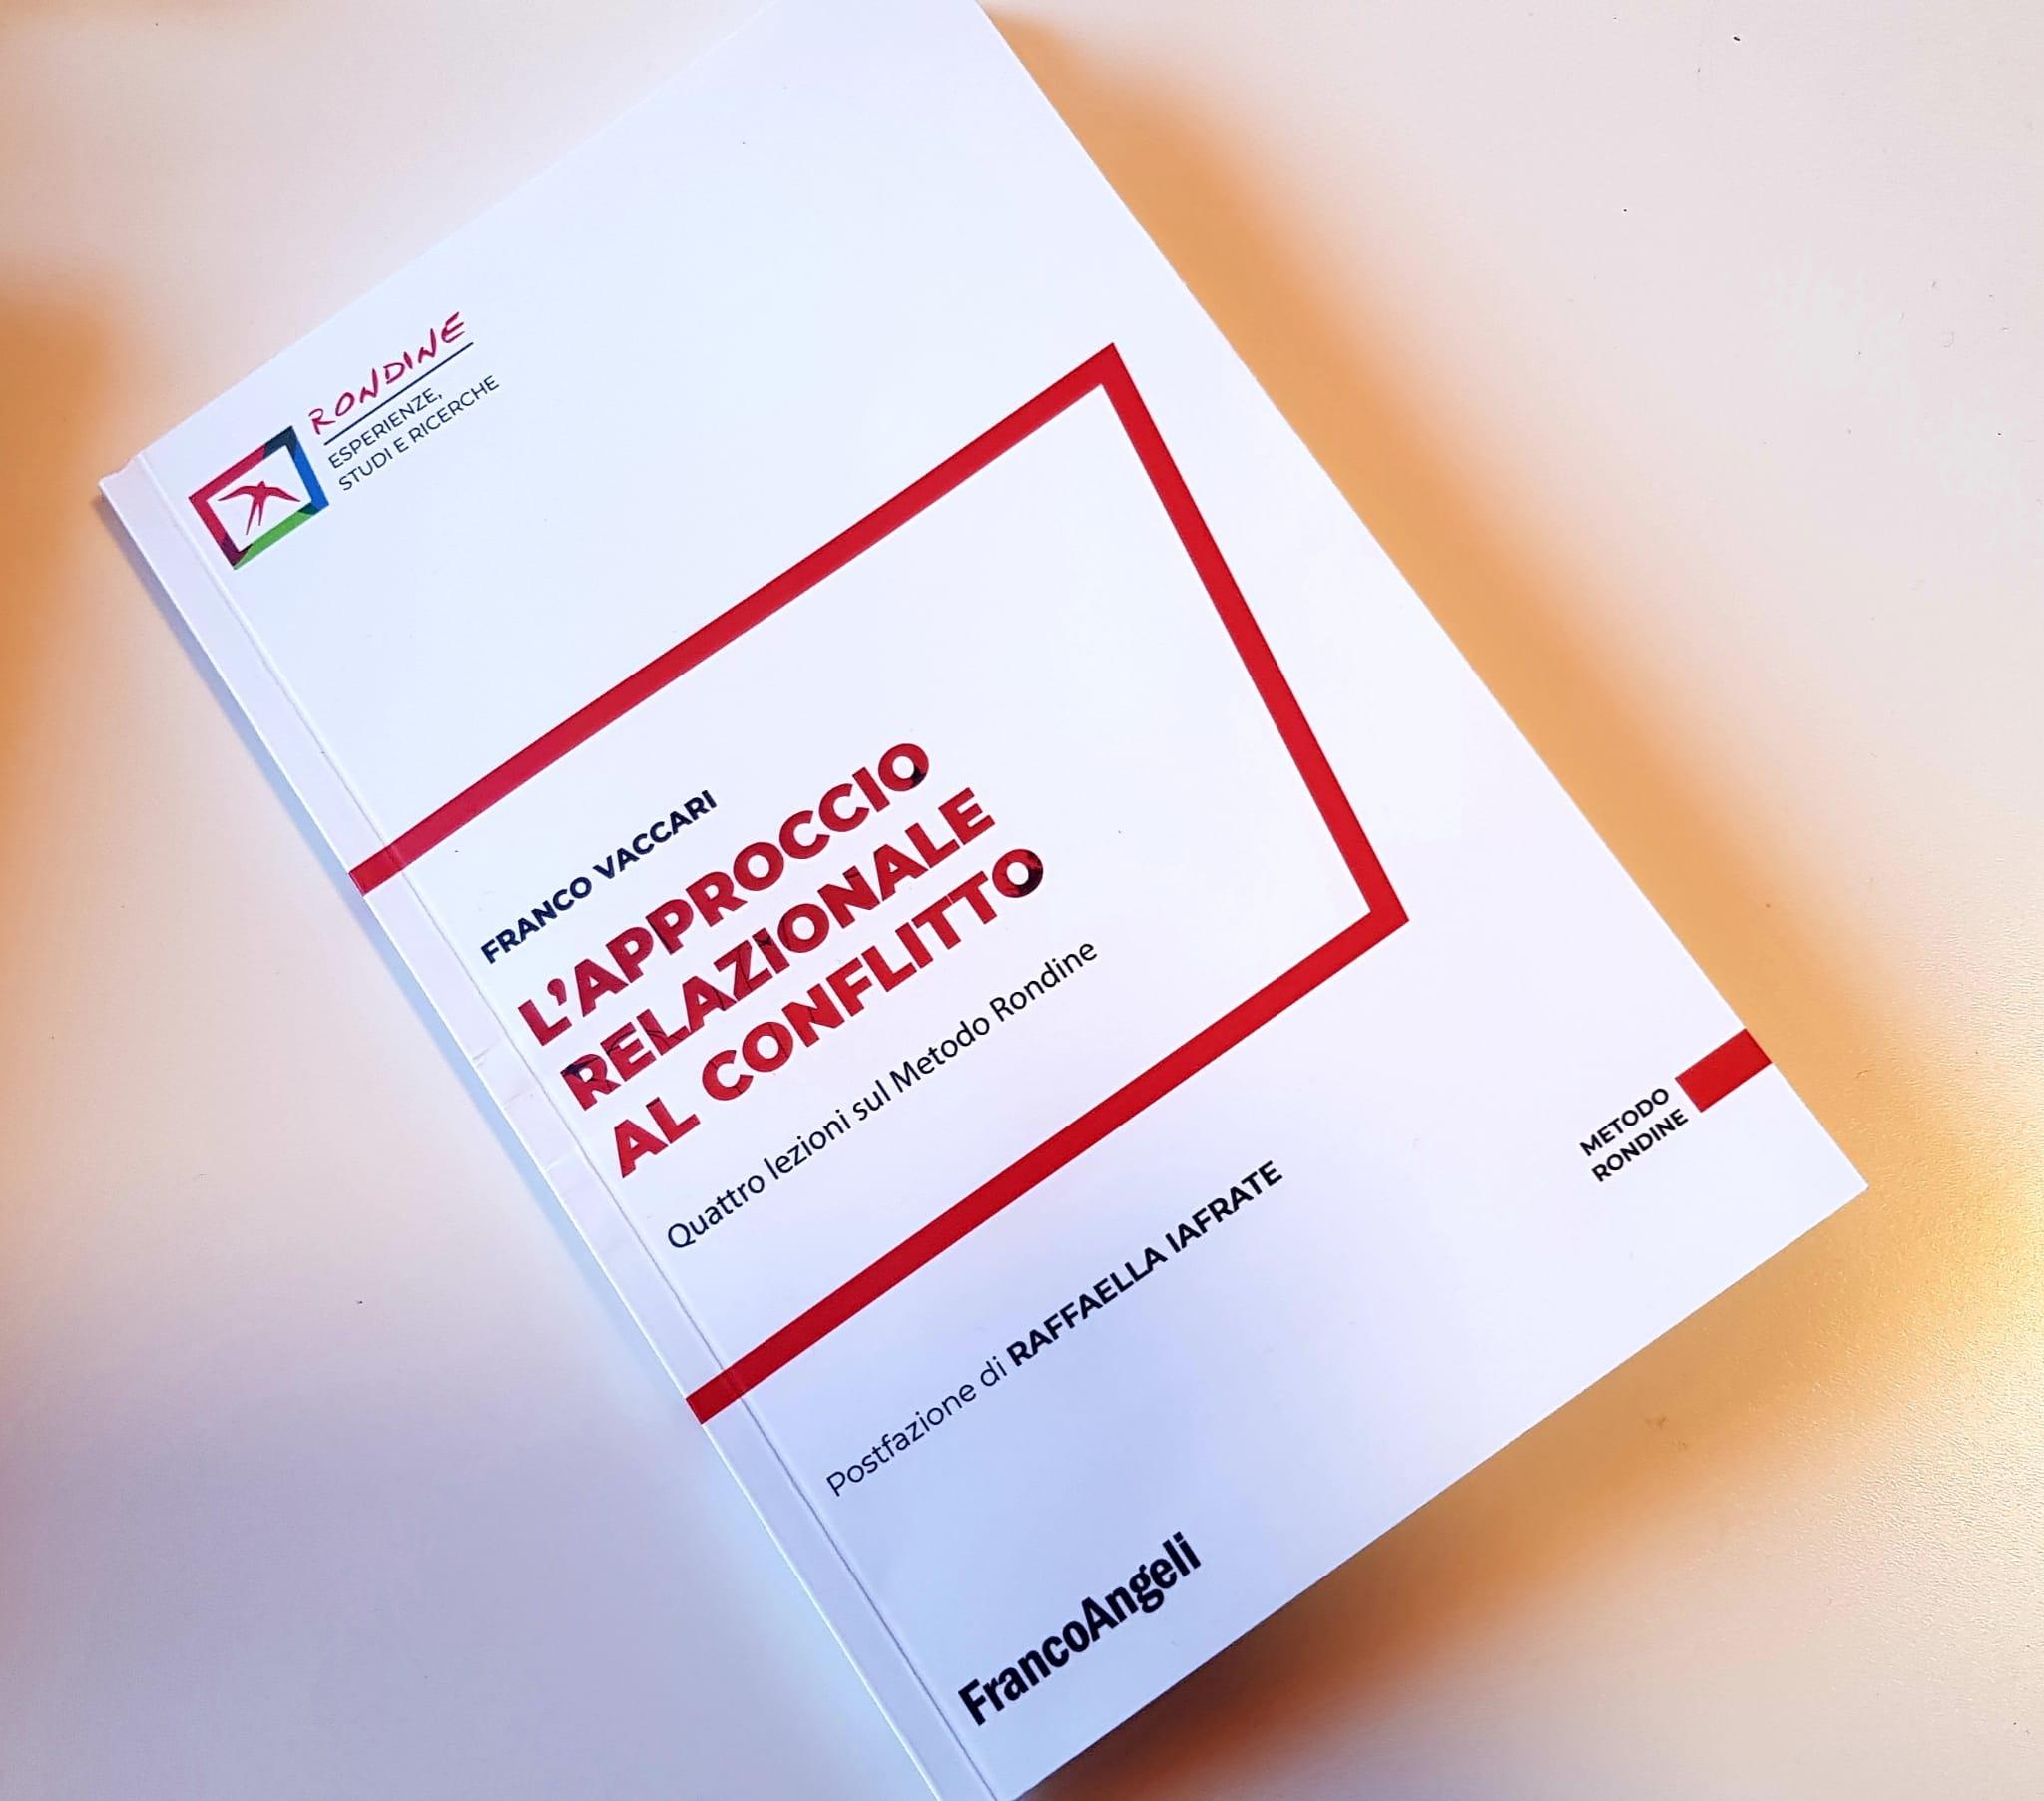 """""""L'approccio relazionale al conflitto"""", il libro a firma del presidente Franco Vaccari già in libreria, inaugura la collana della casa editrice FrancoAngeli """"Rondine. esperienze, studi e ricerche"""""""